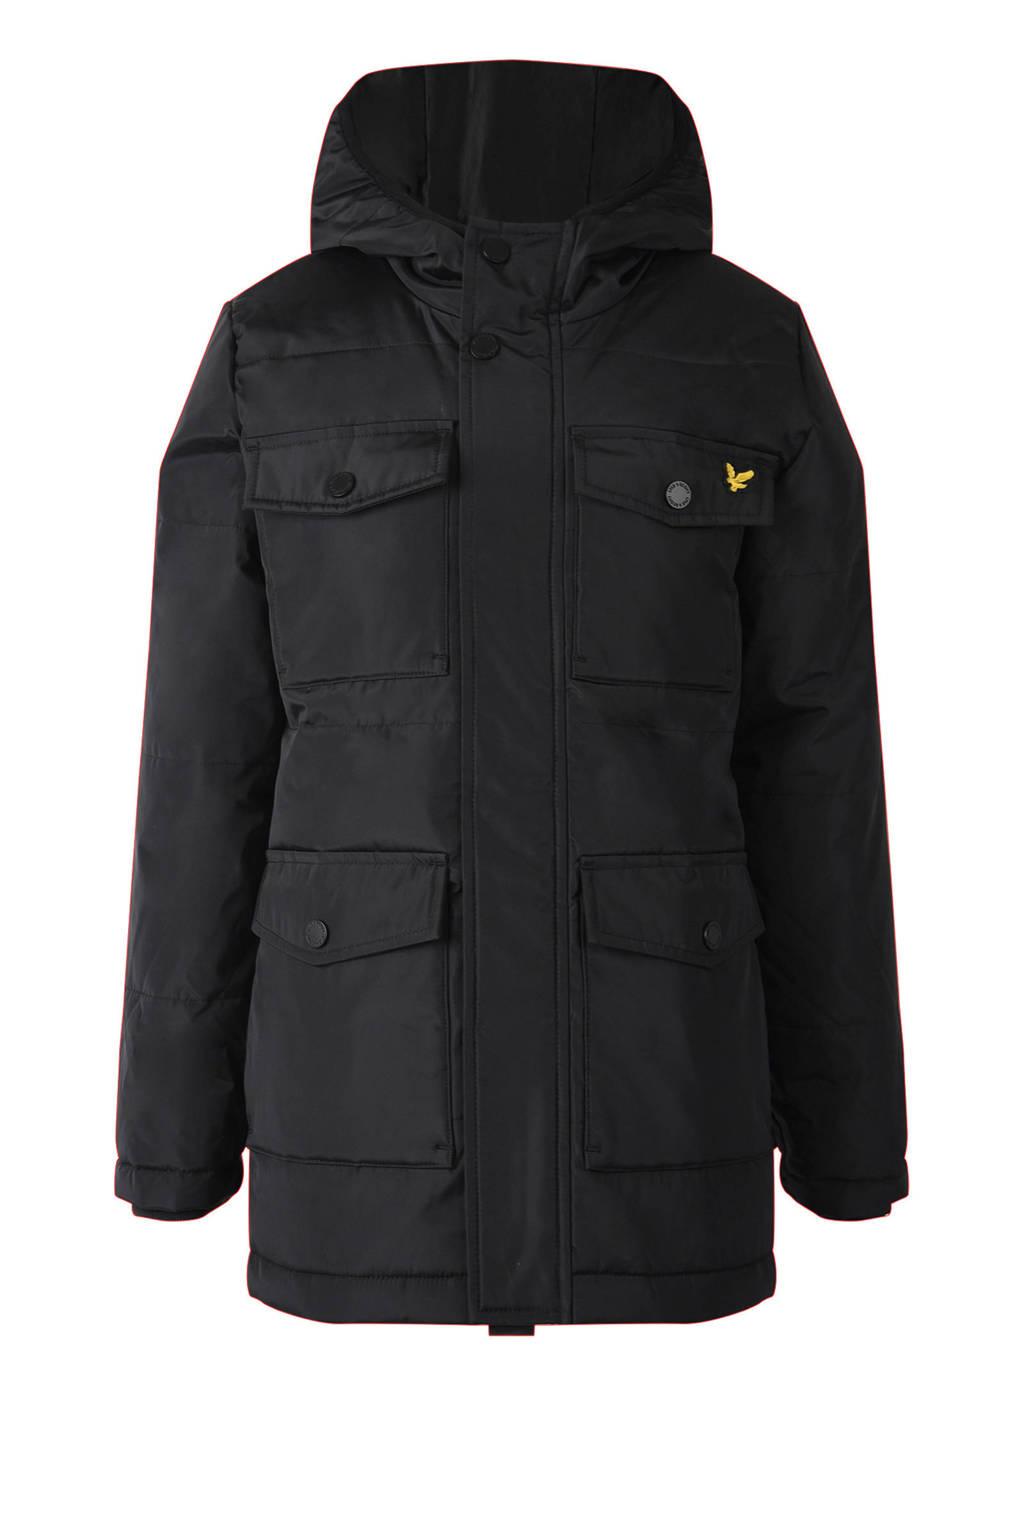 Lyle & Scott gewatteerde winterjas met logo zwart, Zwart